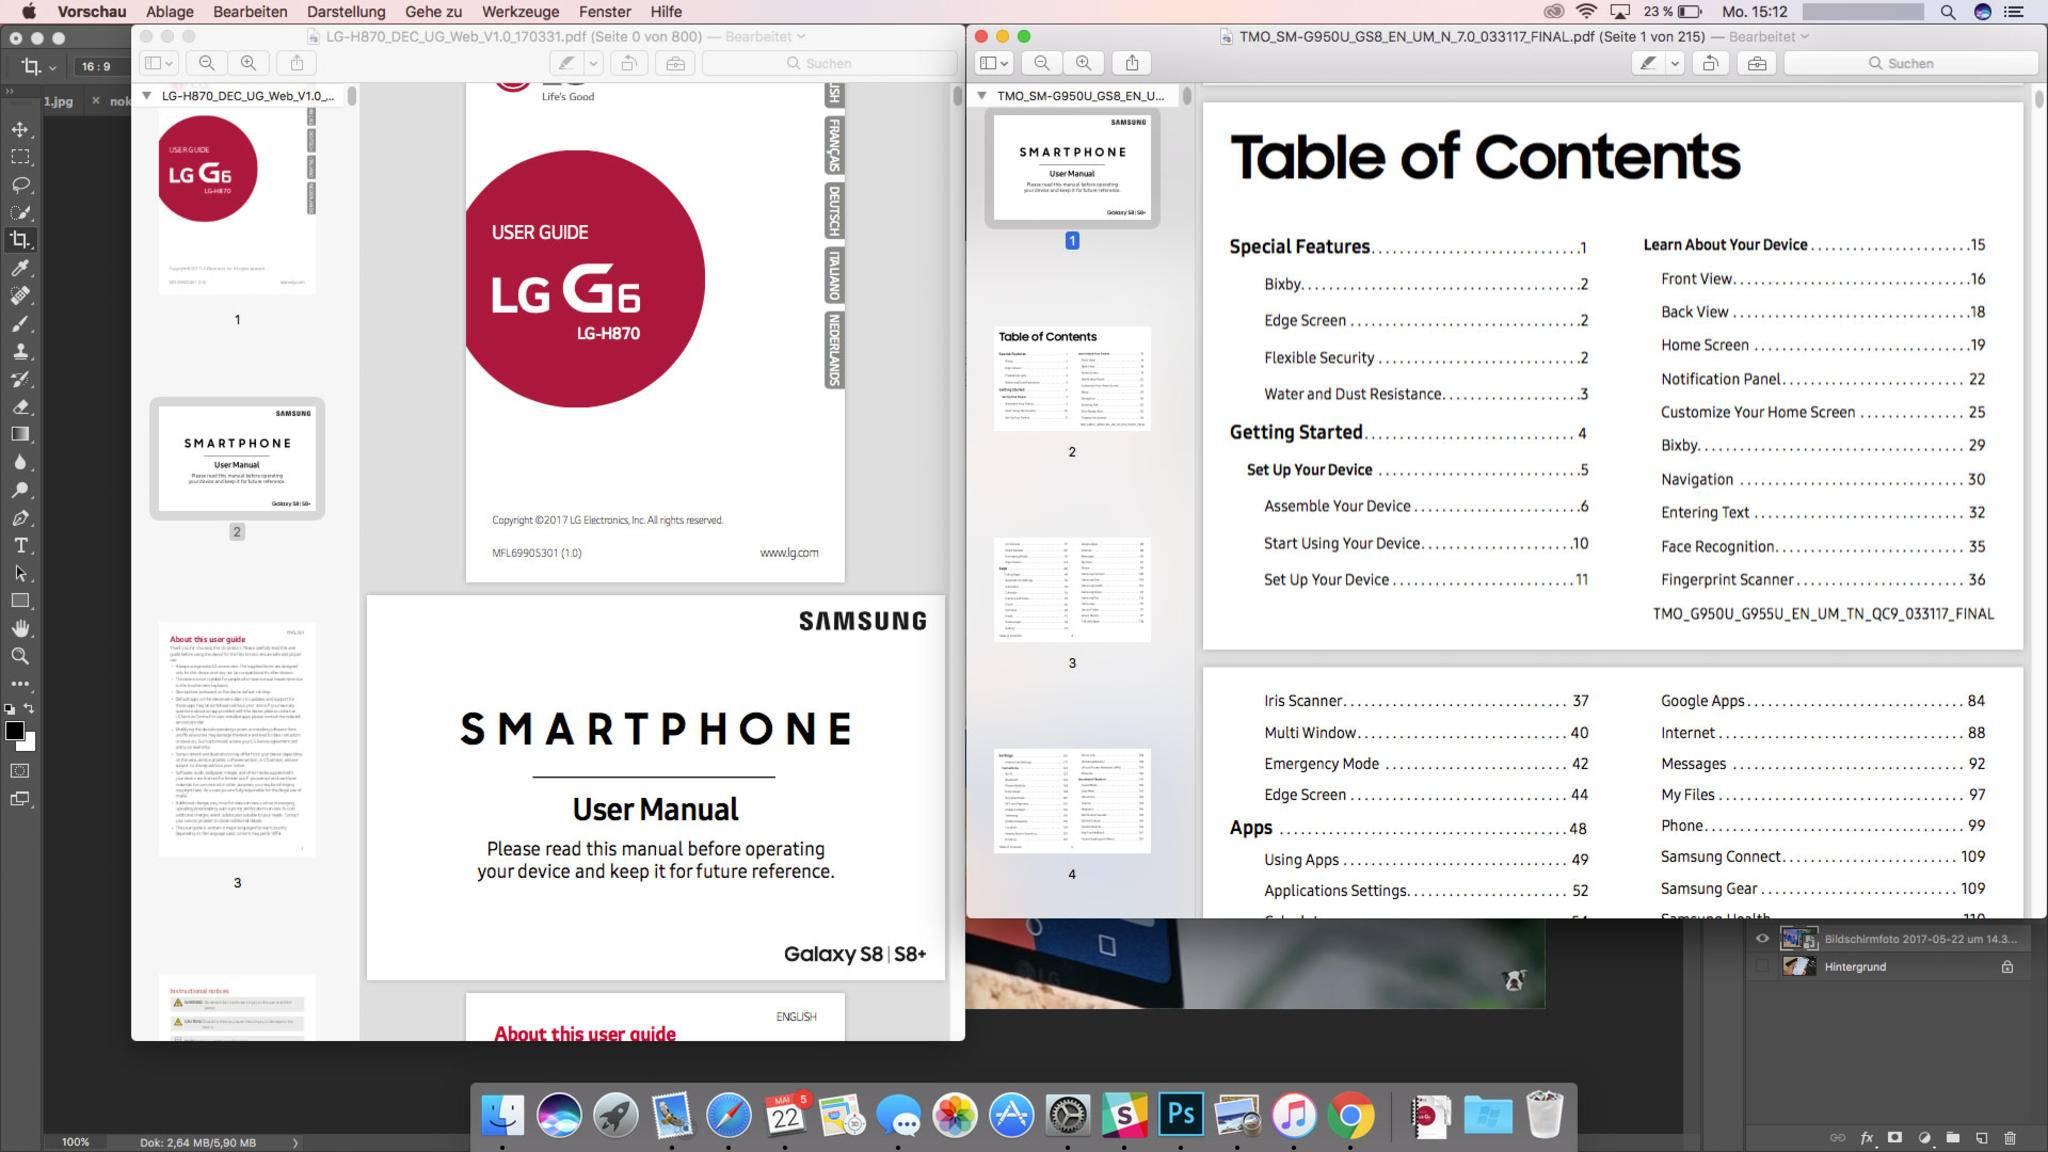 PDF-Seiten können per Drag and Drop von einem Miniatur-Fenster ins andere gezogen werden.